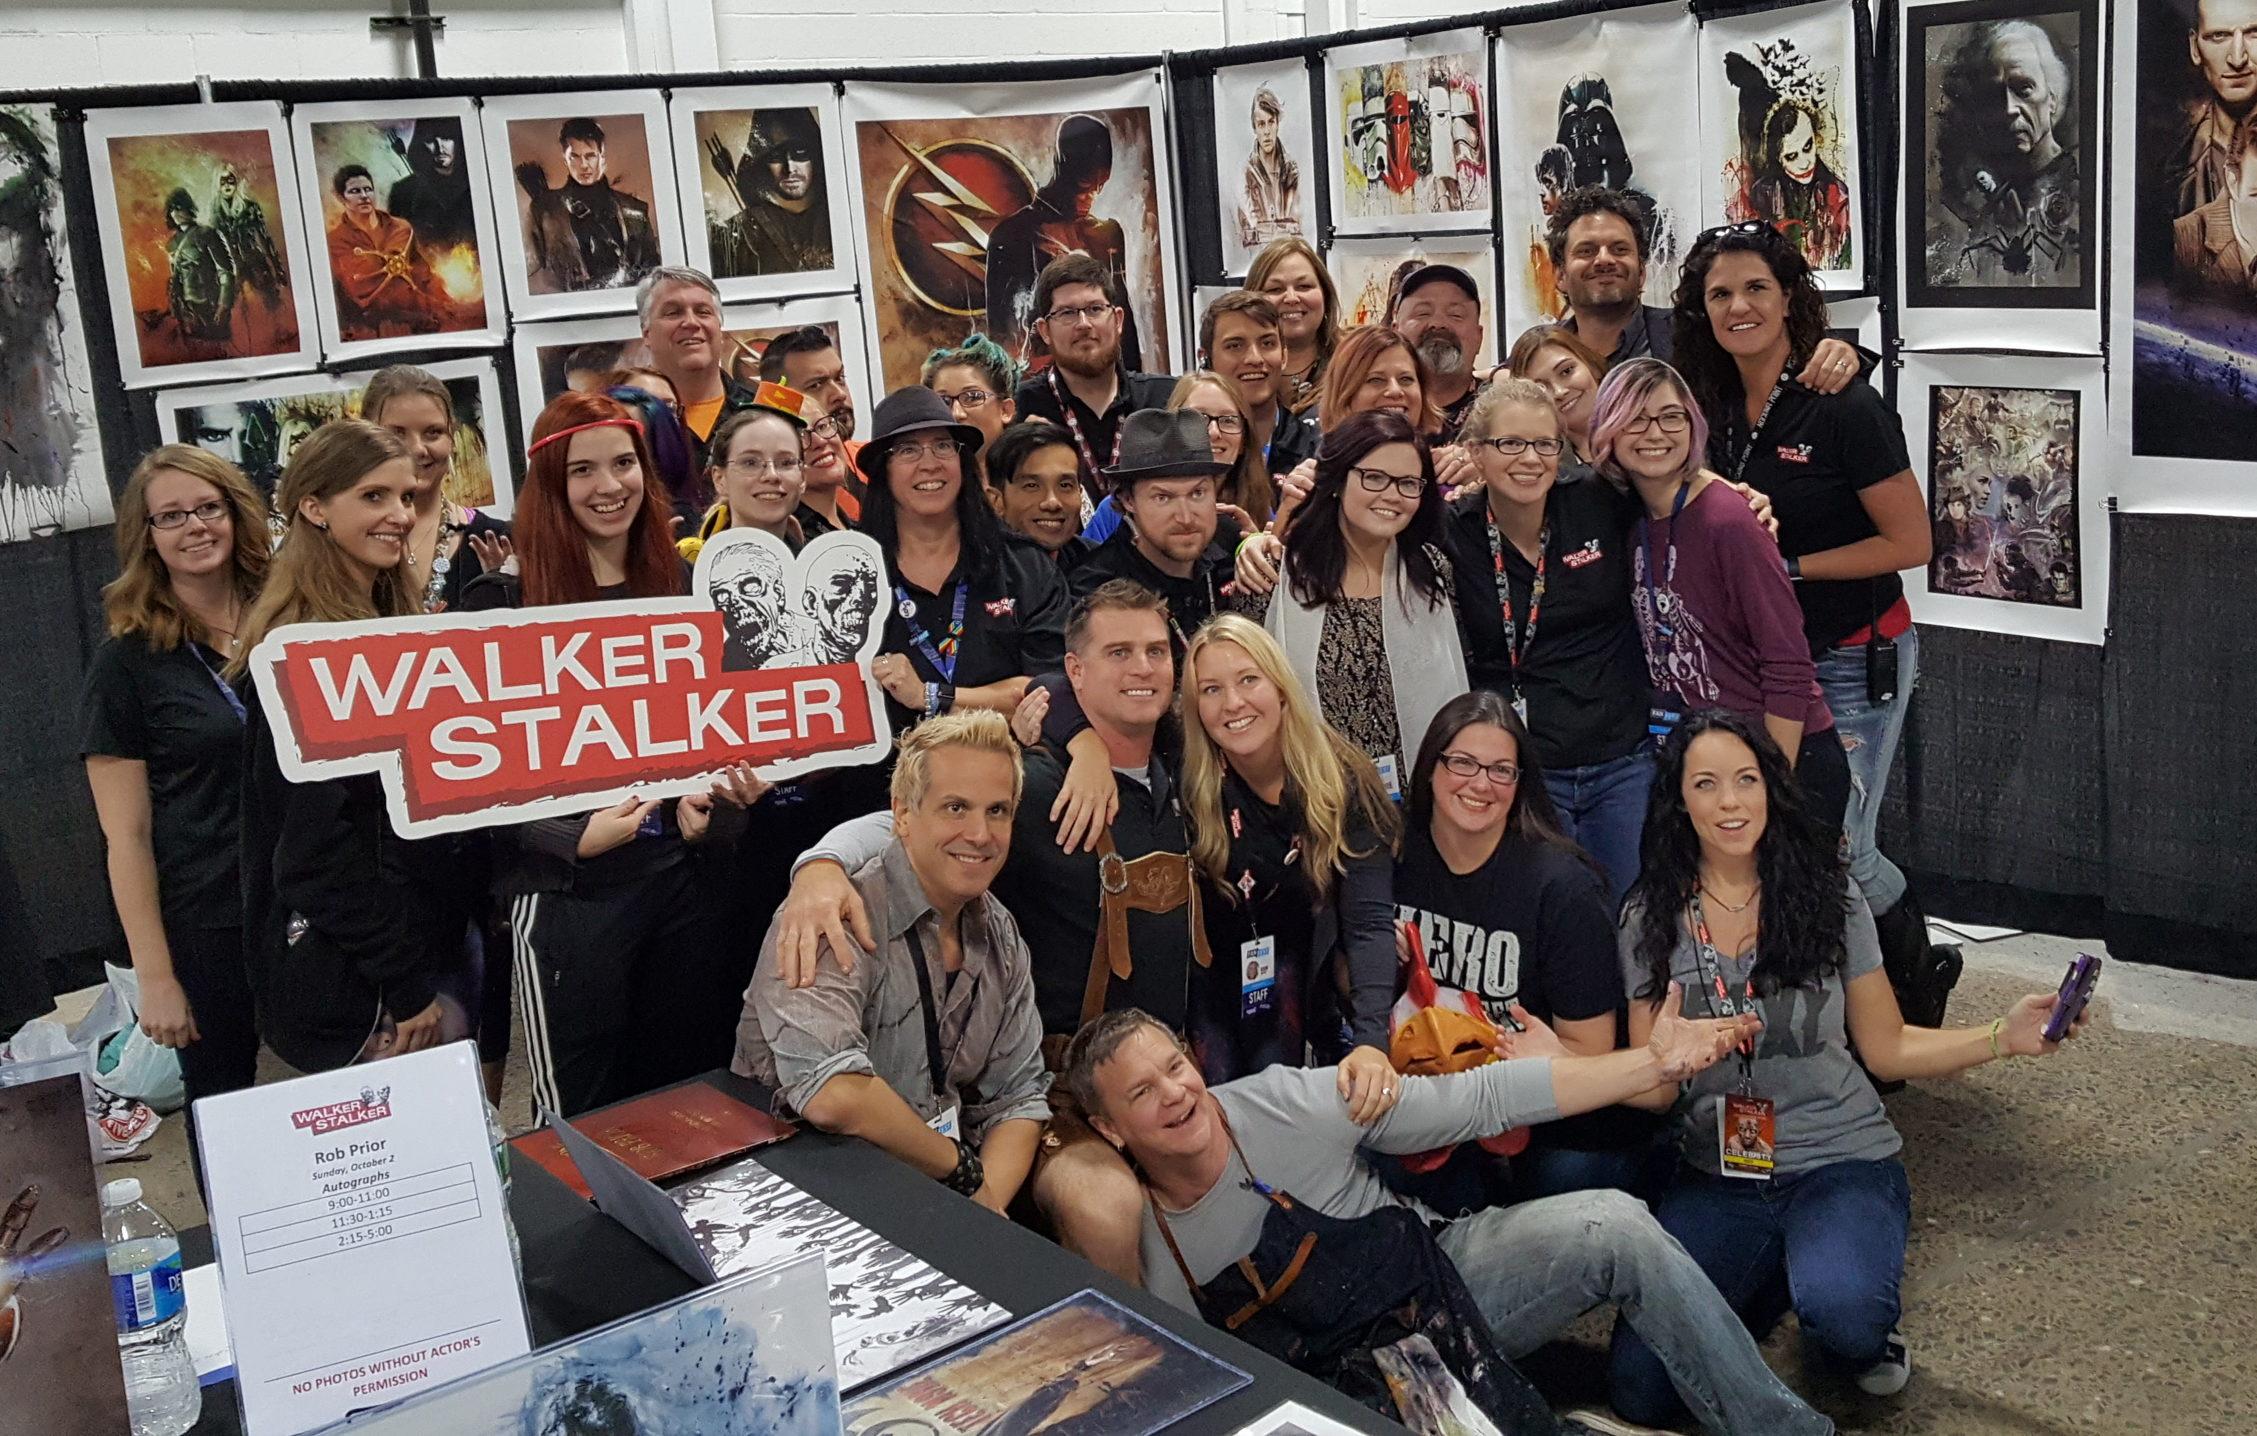 Walker Stalker Con WSC Walking Dead Zombies